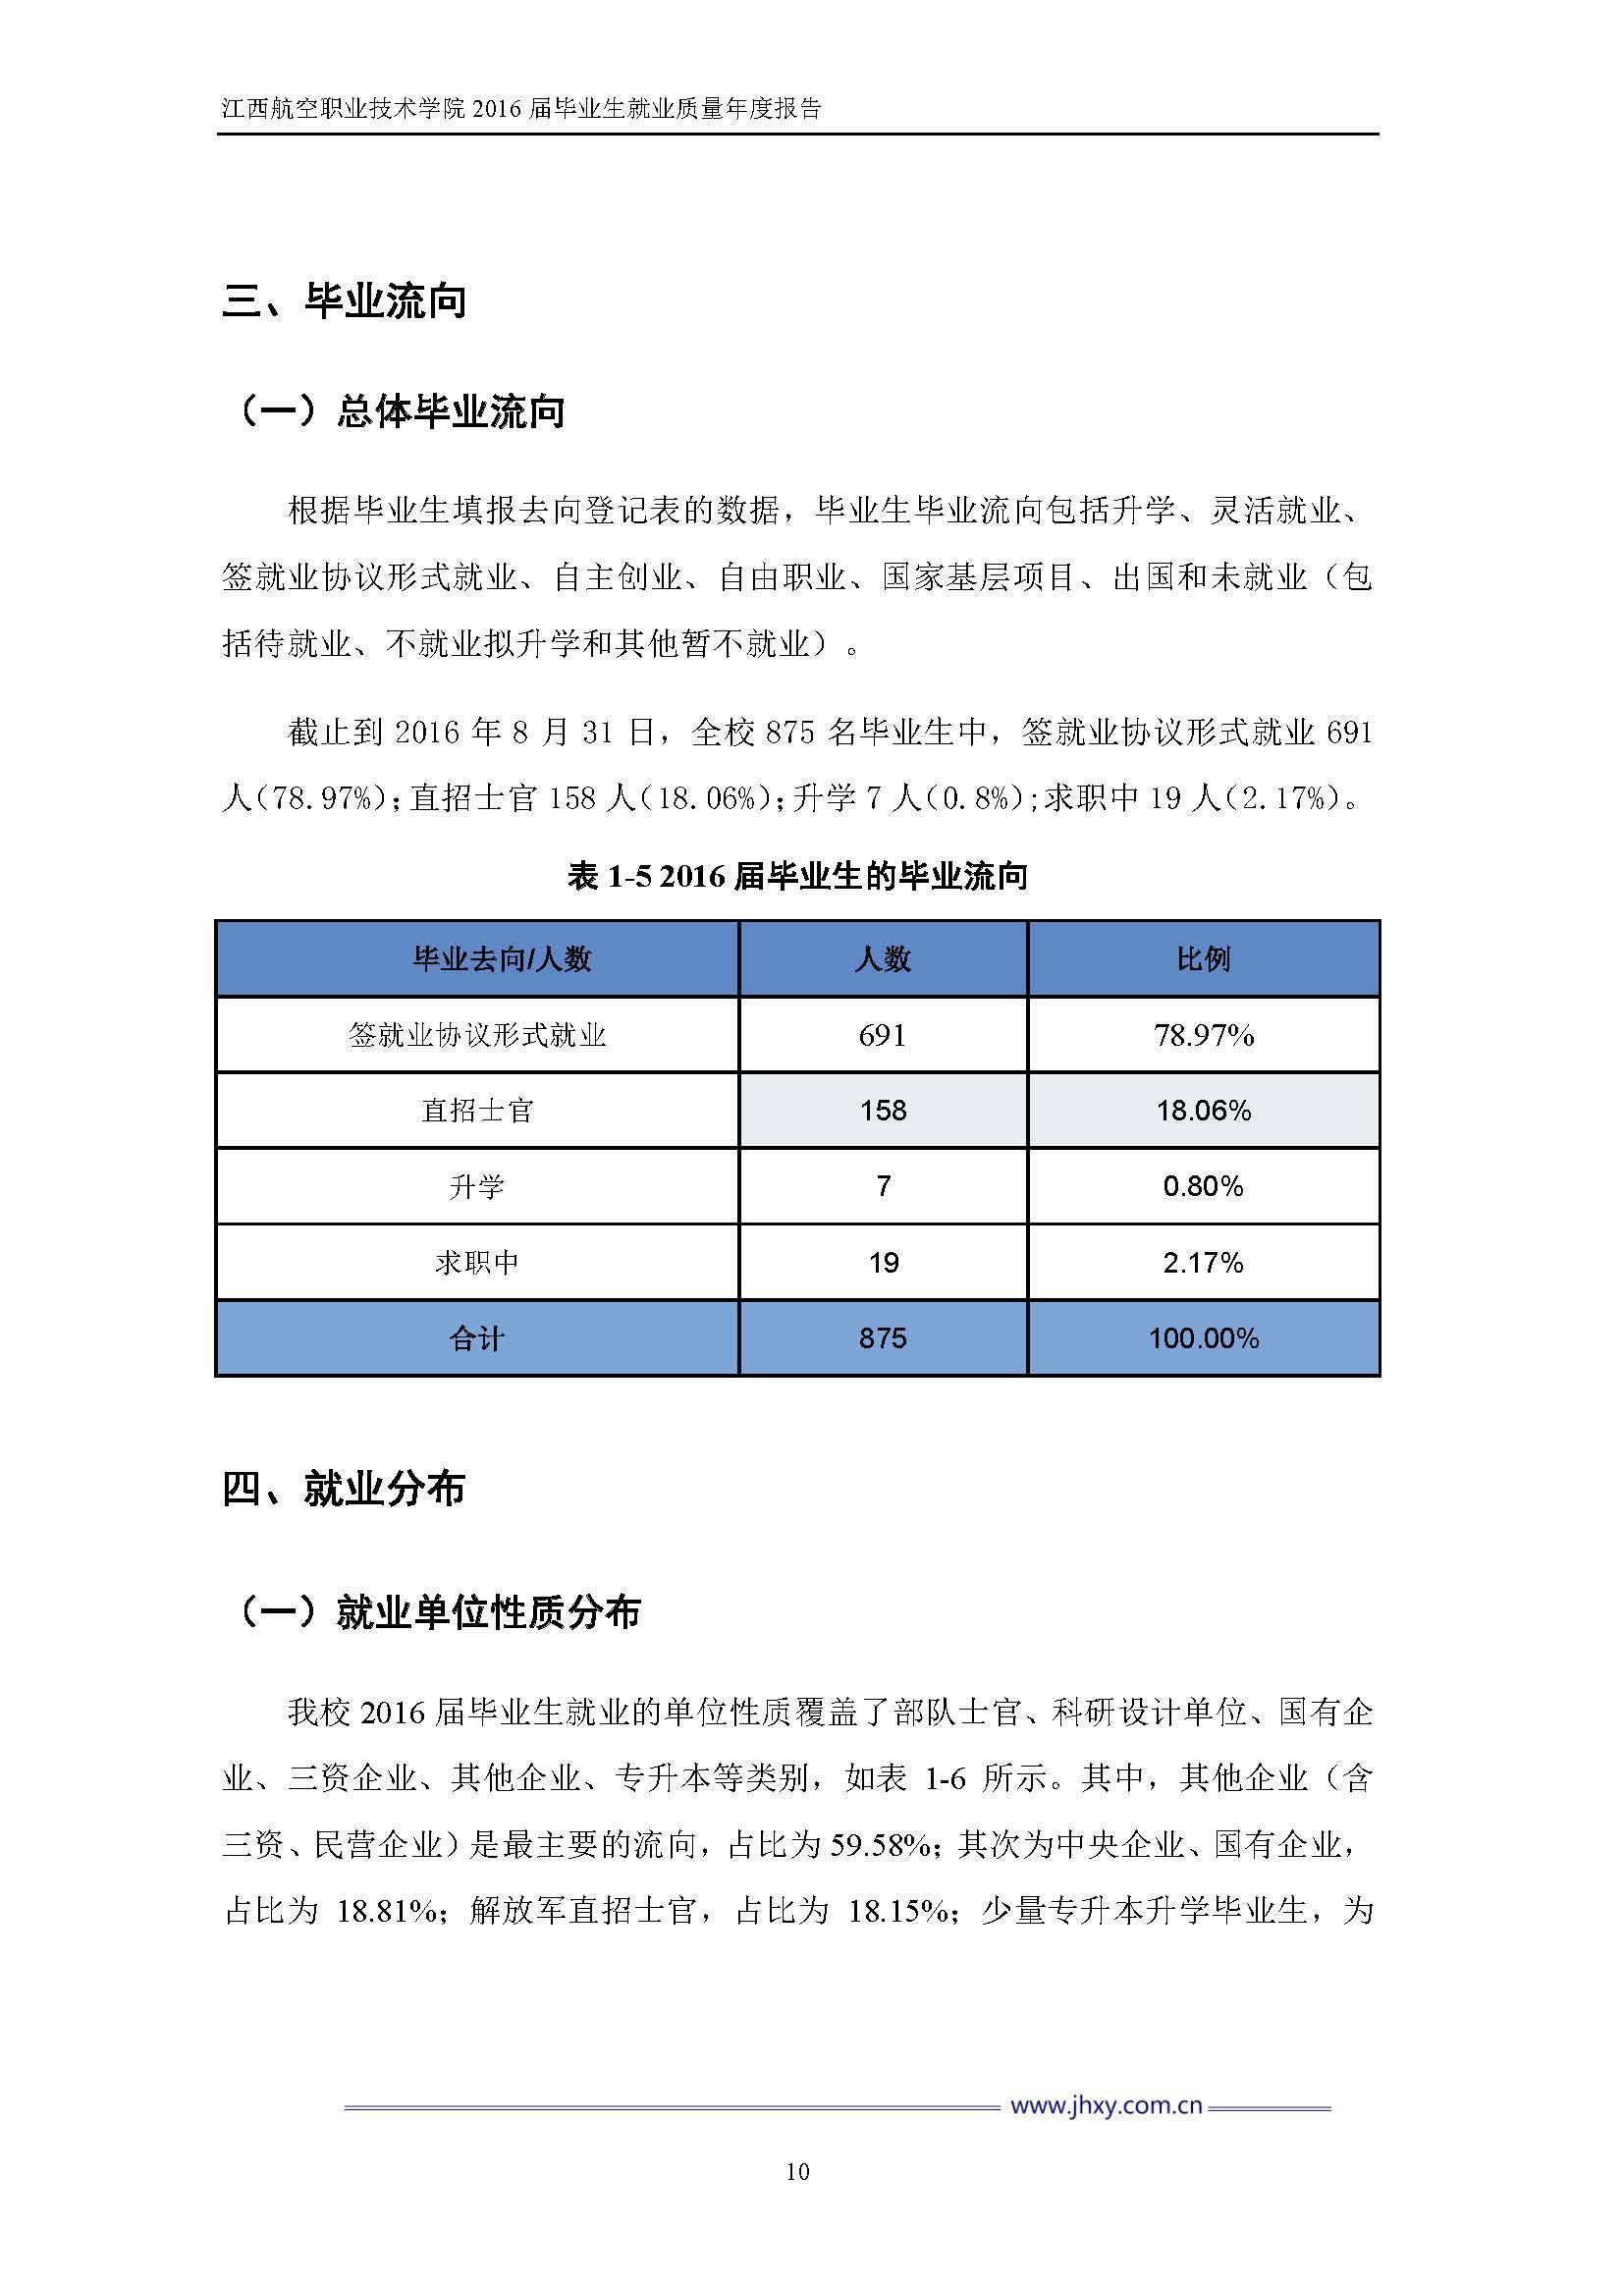 江西航空职业技术学院2016届毕业生就业质量年度报告_Page_17.jpg